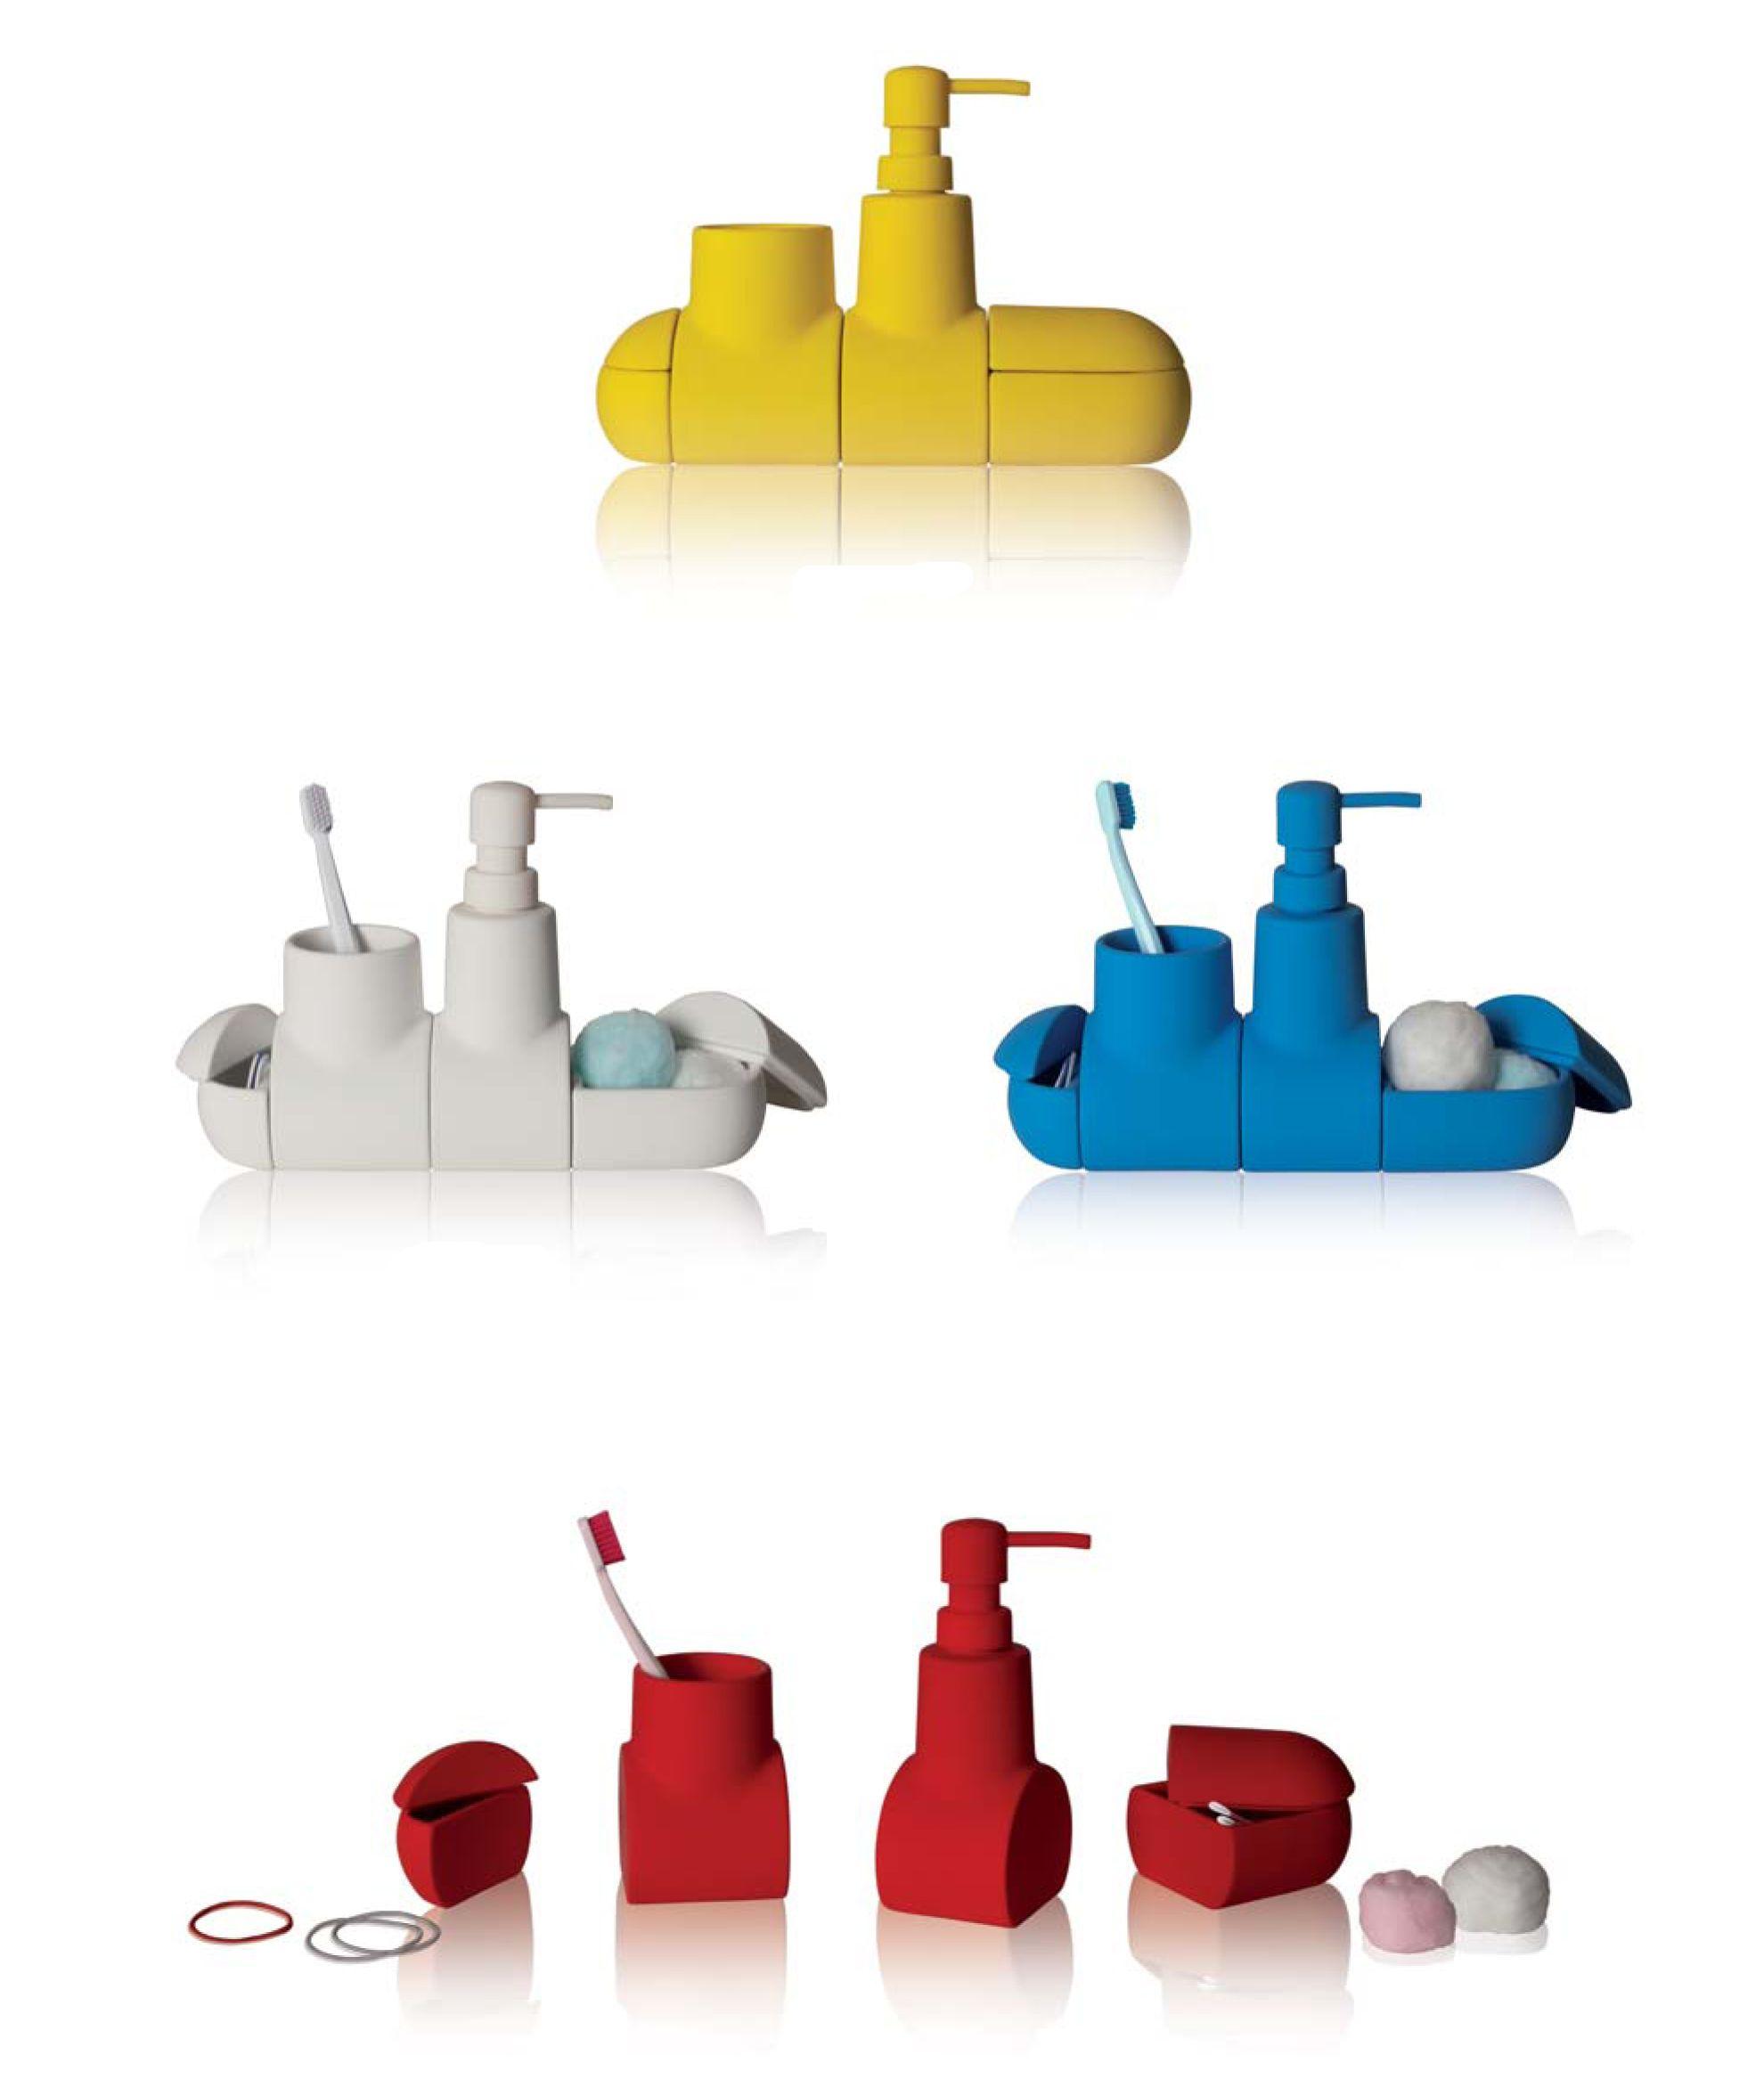 Pingl par utile et futile sur ouf objets utiles futiles salle de bain objet deco - Meuble tiffany ...